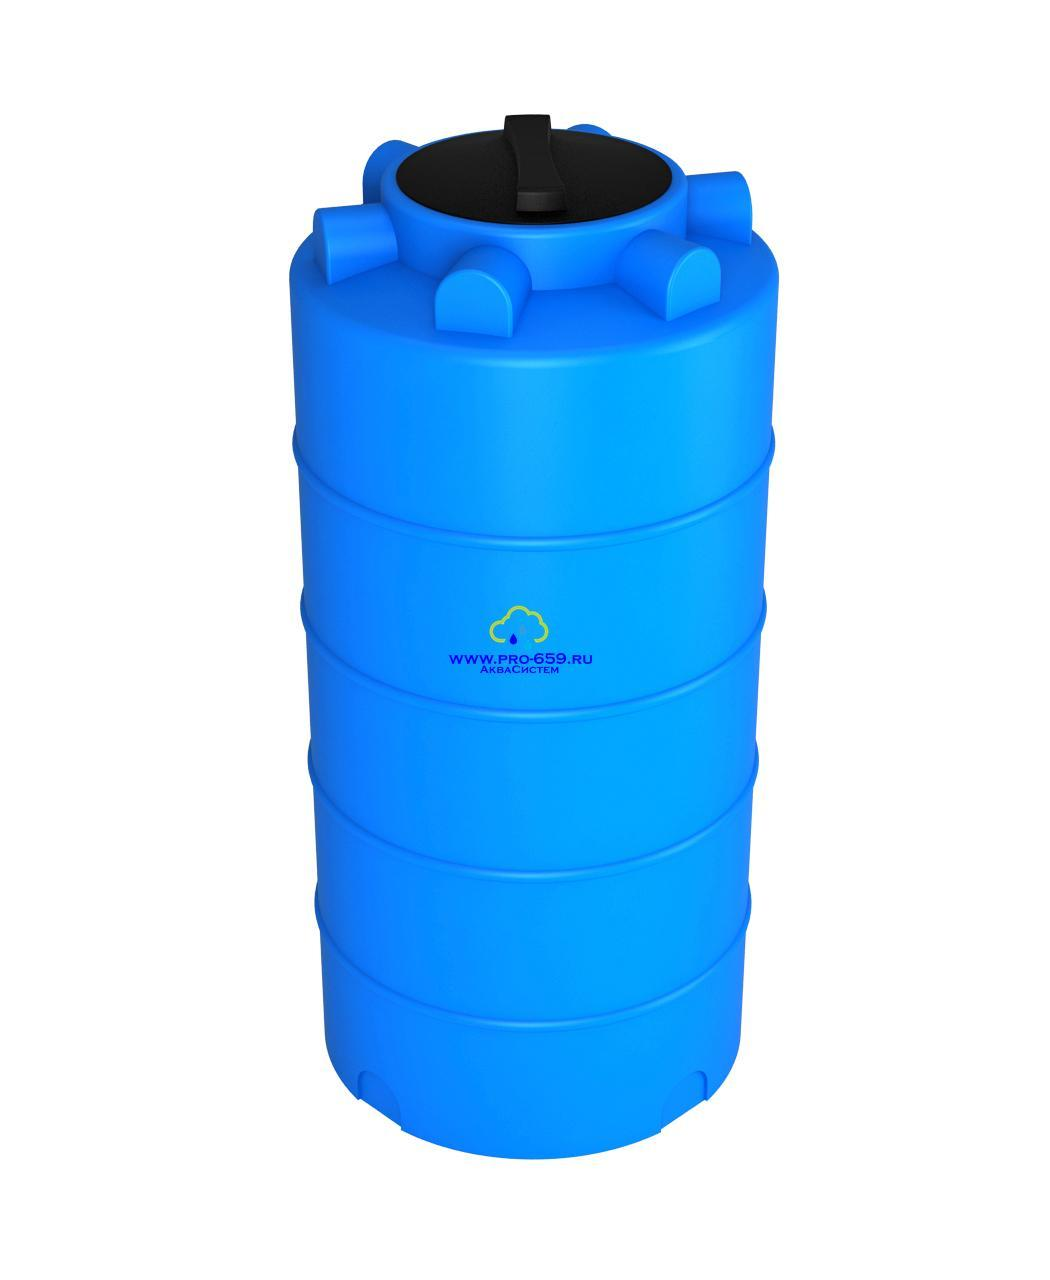 Емкость ЭВЛ-Т 300 литров